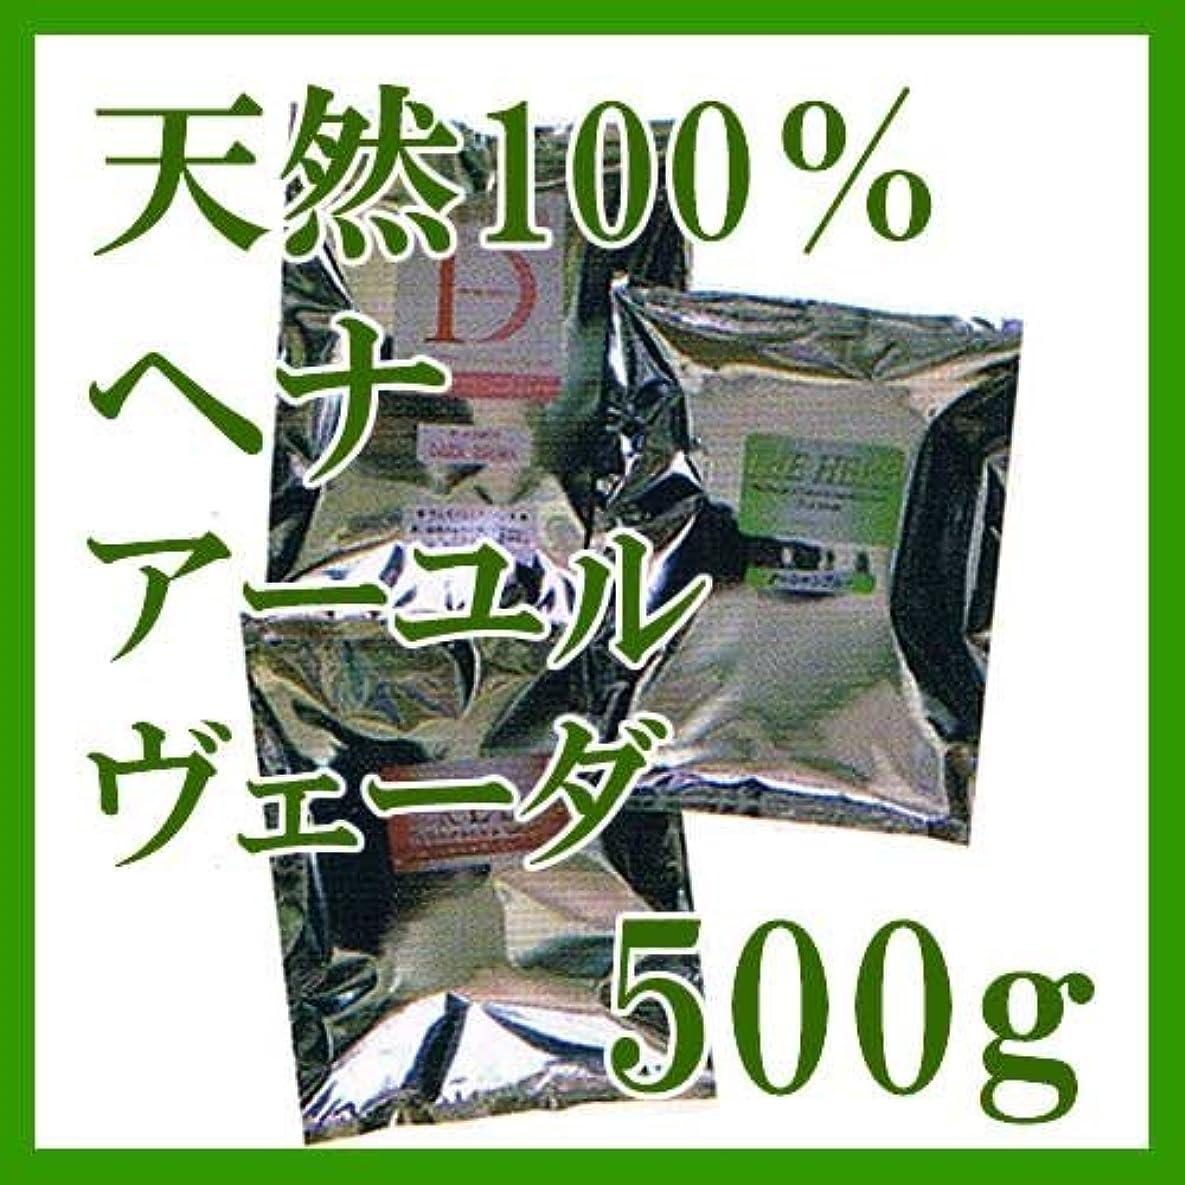 白雪姫知覚的不愉快にヘナ インターナショナル 天然100%ヘナ アーユルヴェーダ 500g